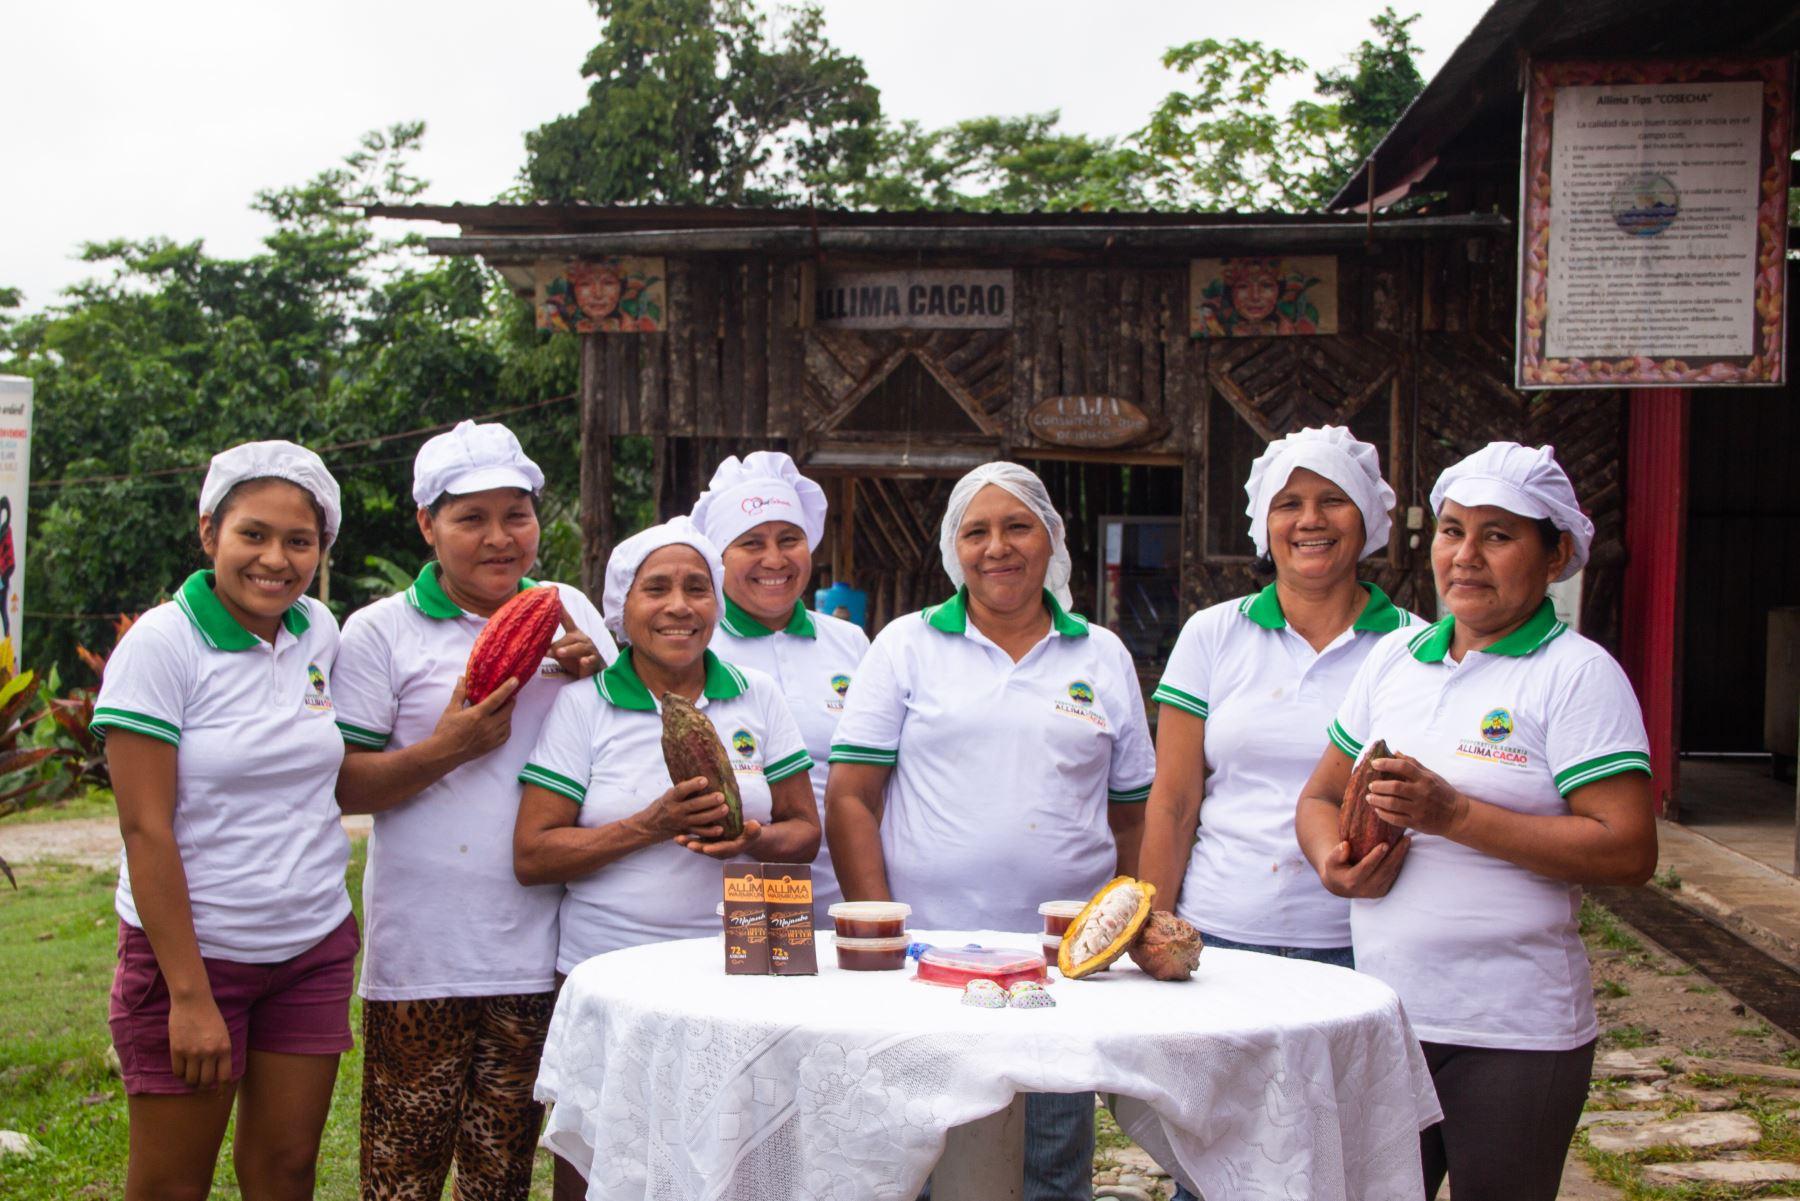 El cacao orgánico de San Martín y Ucayali se lucirá en BioFach, la más importante feria mundial de alimentos orgánicos que se celebrará en Alemania. ANDINA/Difusión